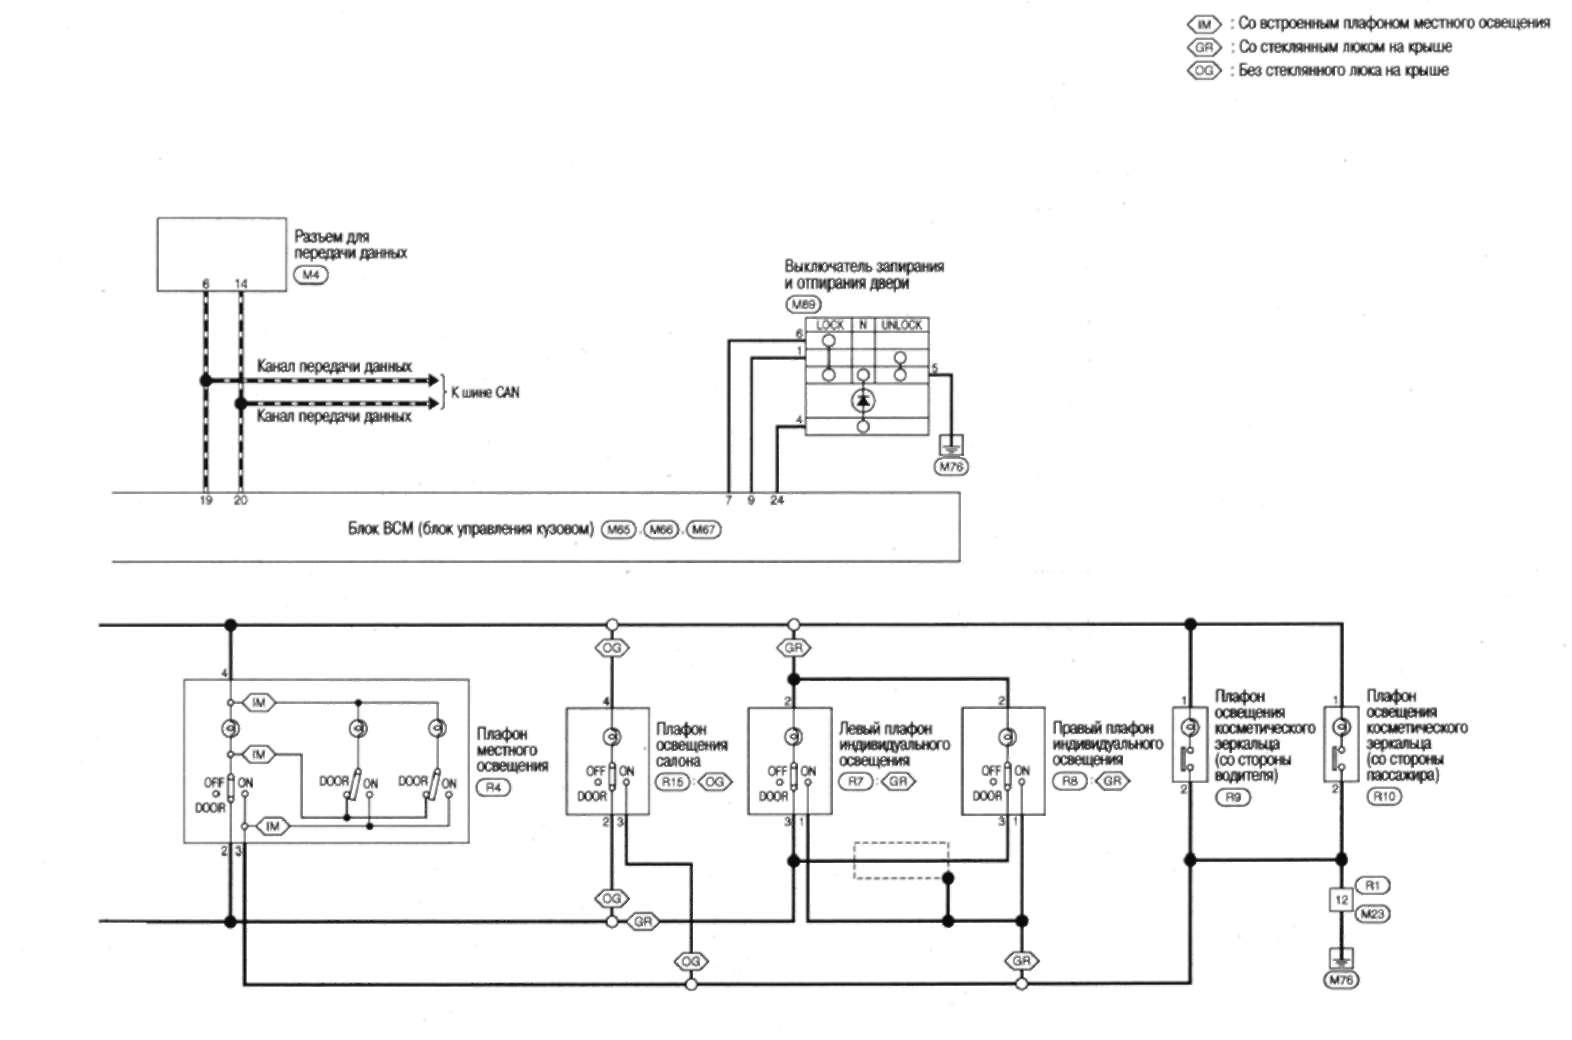 Принципиальная схема системы управления плафонами освещения салона Nissan Qashqai.